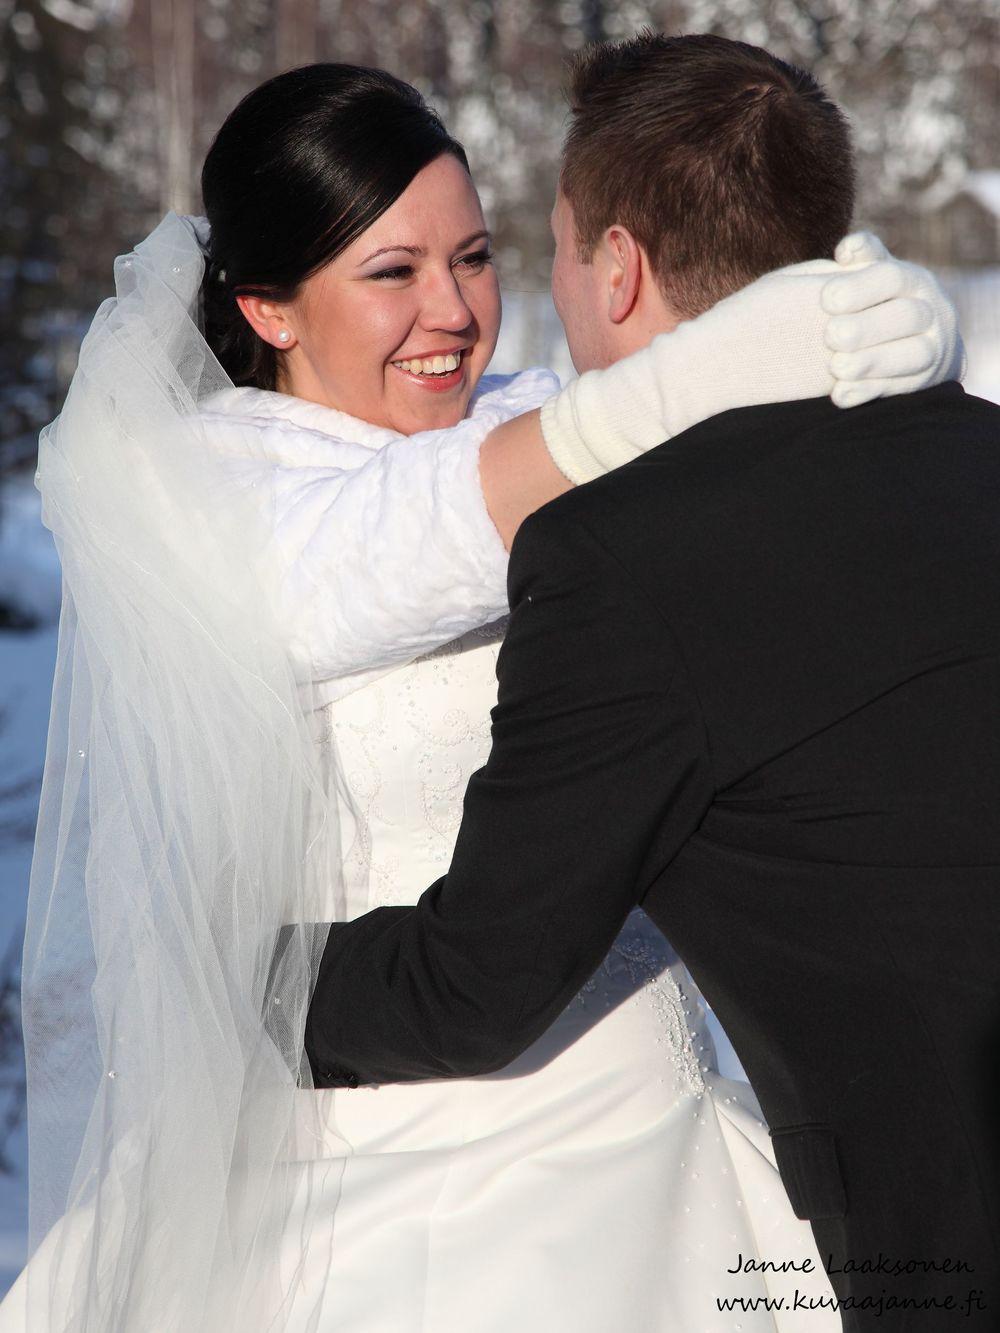 Hääpotretti Riihimäellä. Valokuvaaja Janne Laaksonen, KuvaaJanne Ky, Riihimäki